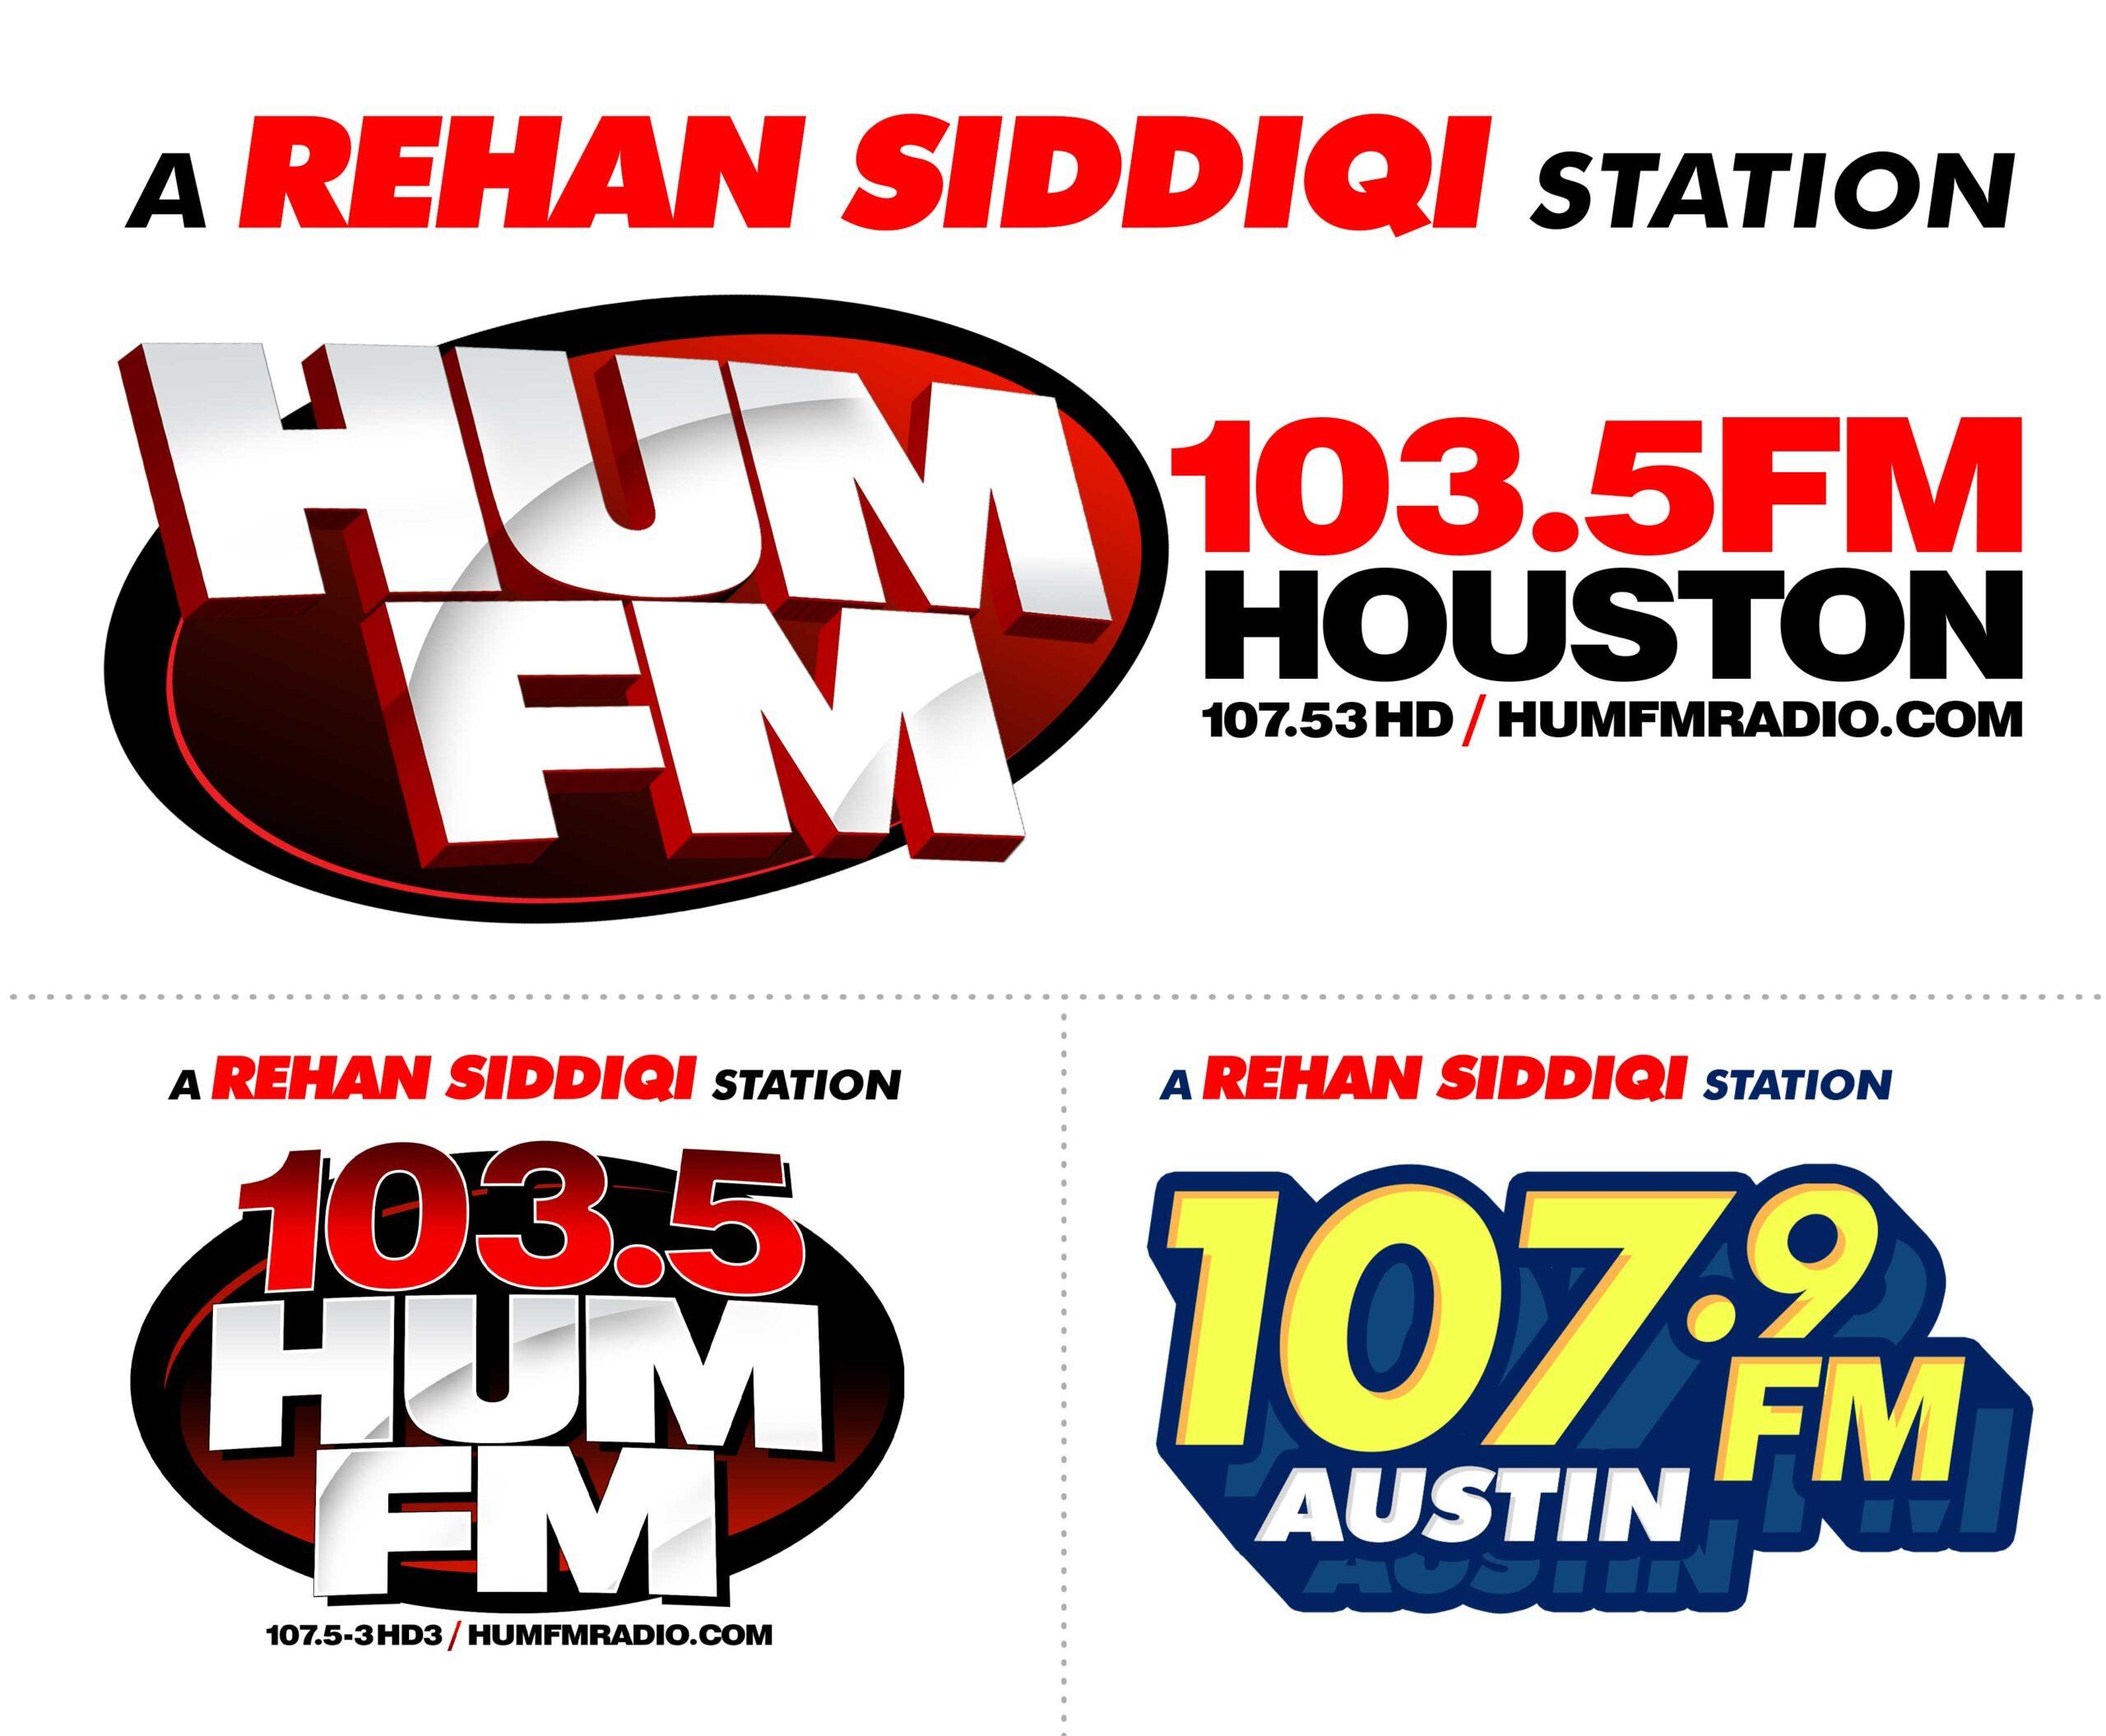 Rehan Siddiqui - 103.5FM